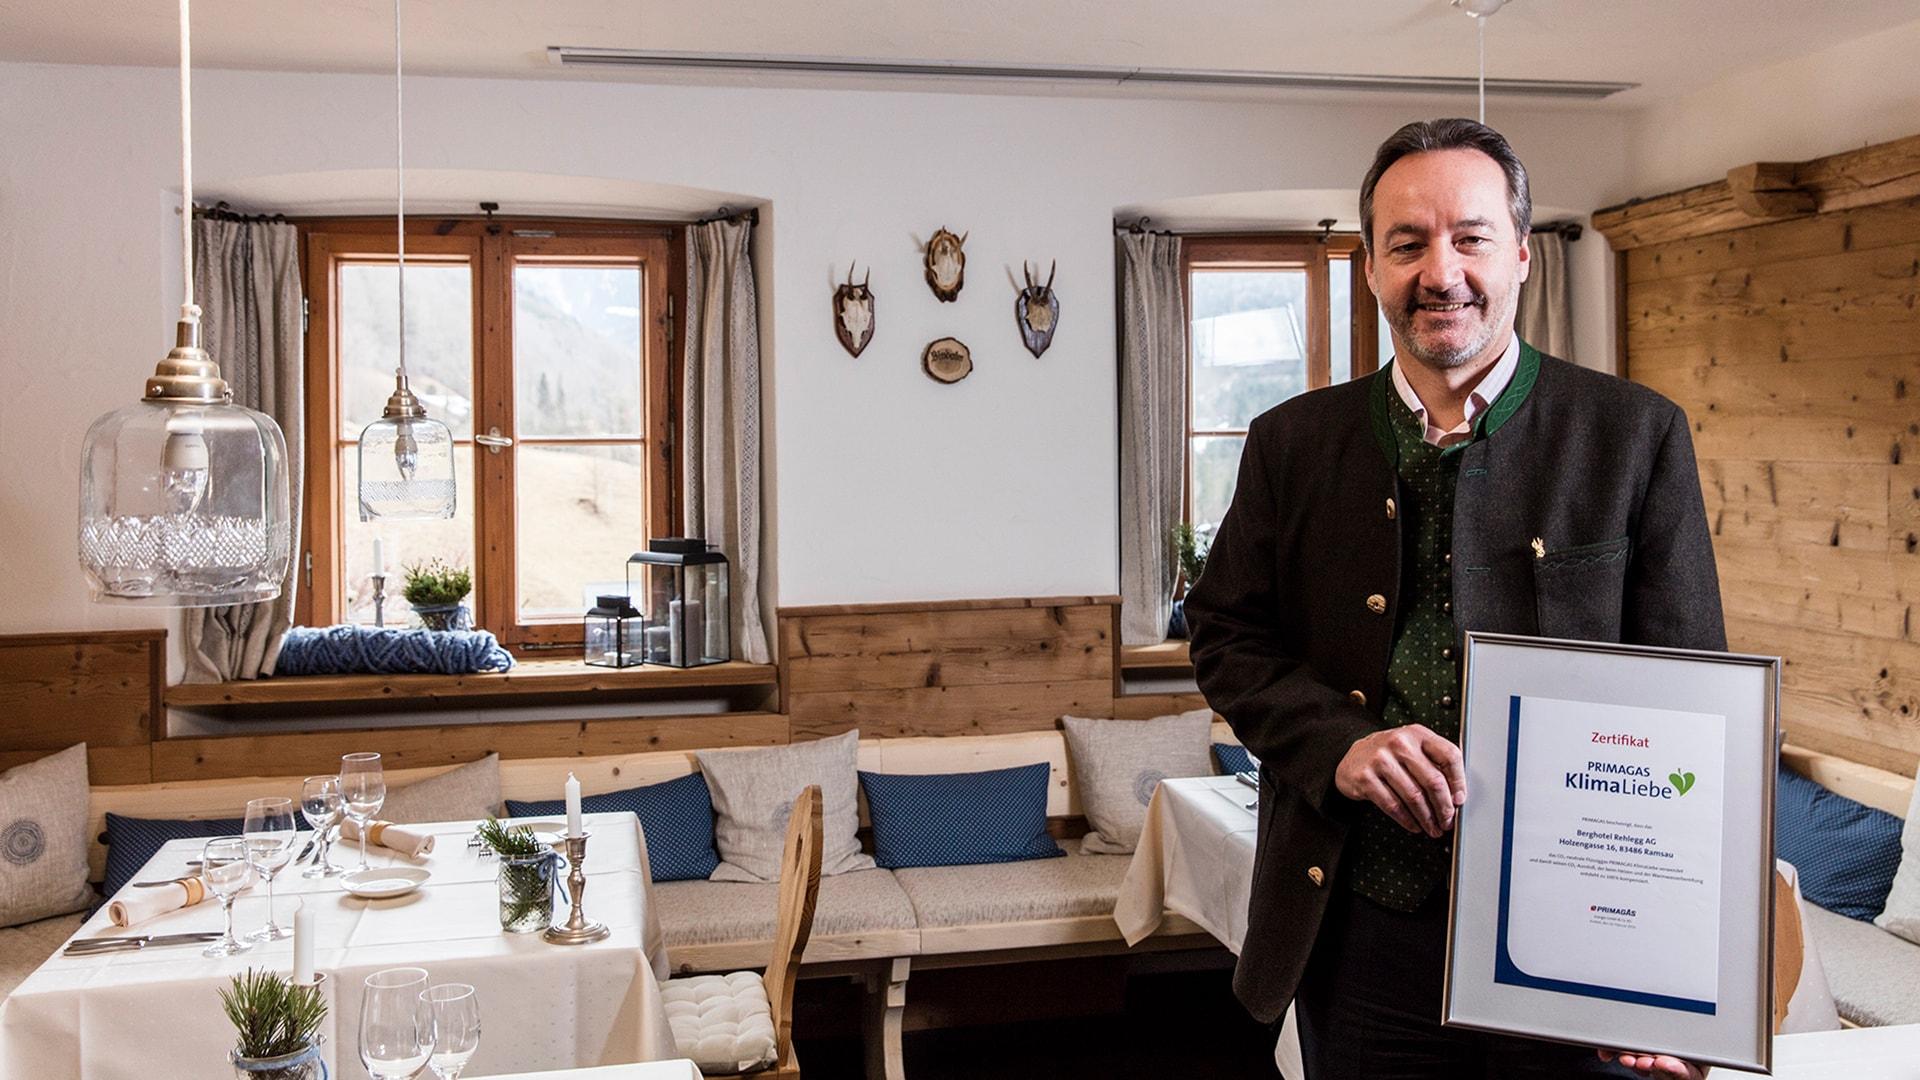 Johannes Lichtmannegger im Speisesaal seines Berghotels Rehlegg mit KlimaLiebe-Zertifikat von PRIMAGAS.